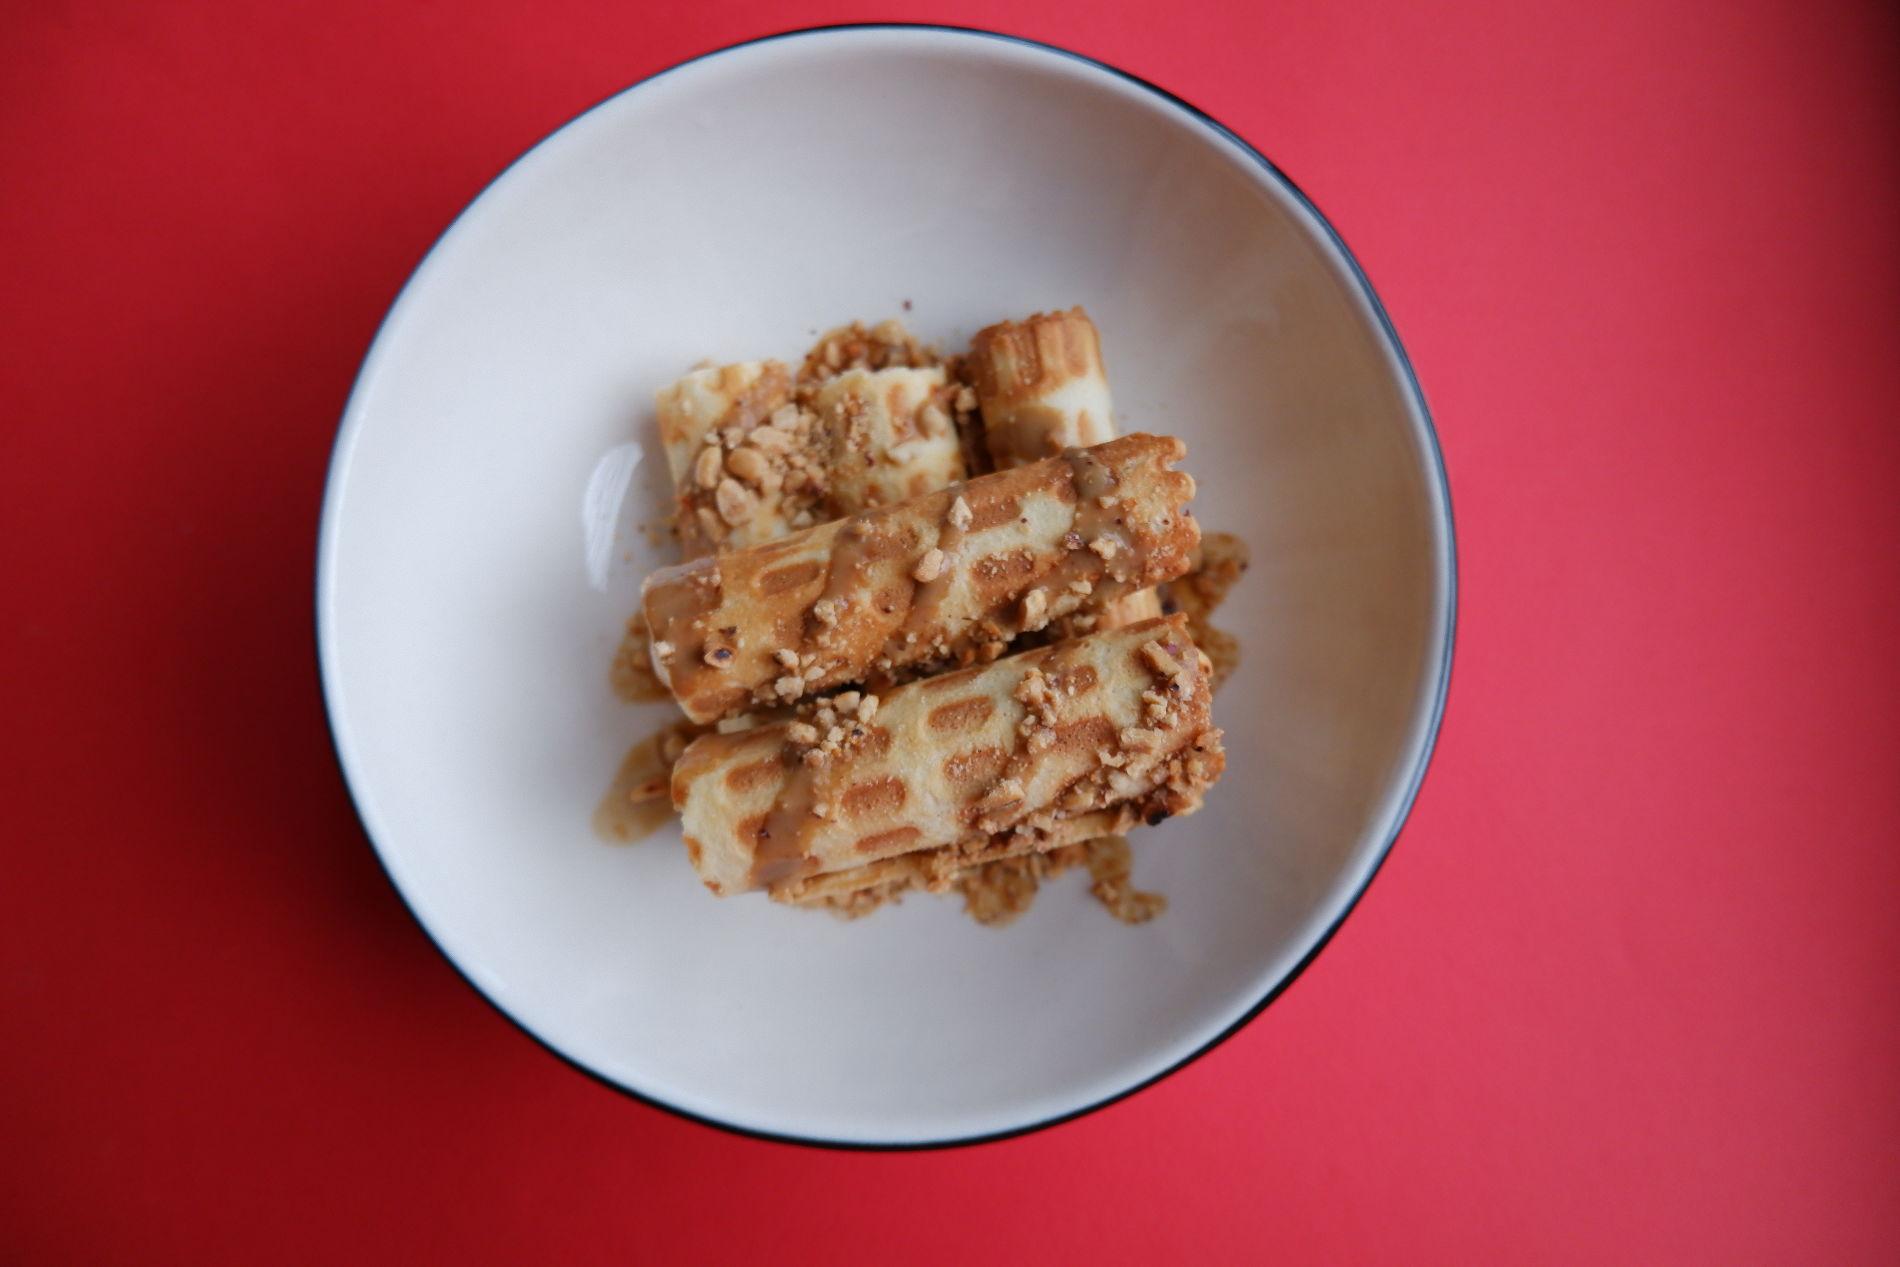 Вафельные трубочки с кремом из творожного сыра и вареной сгущенки ©Фото предоставлено PR-службой Mr. Drunke Bar